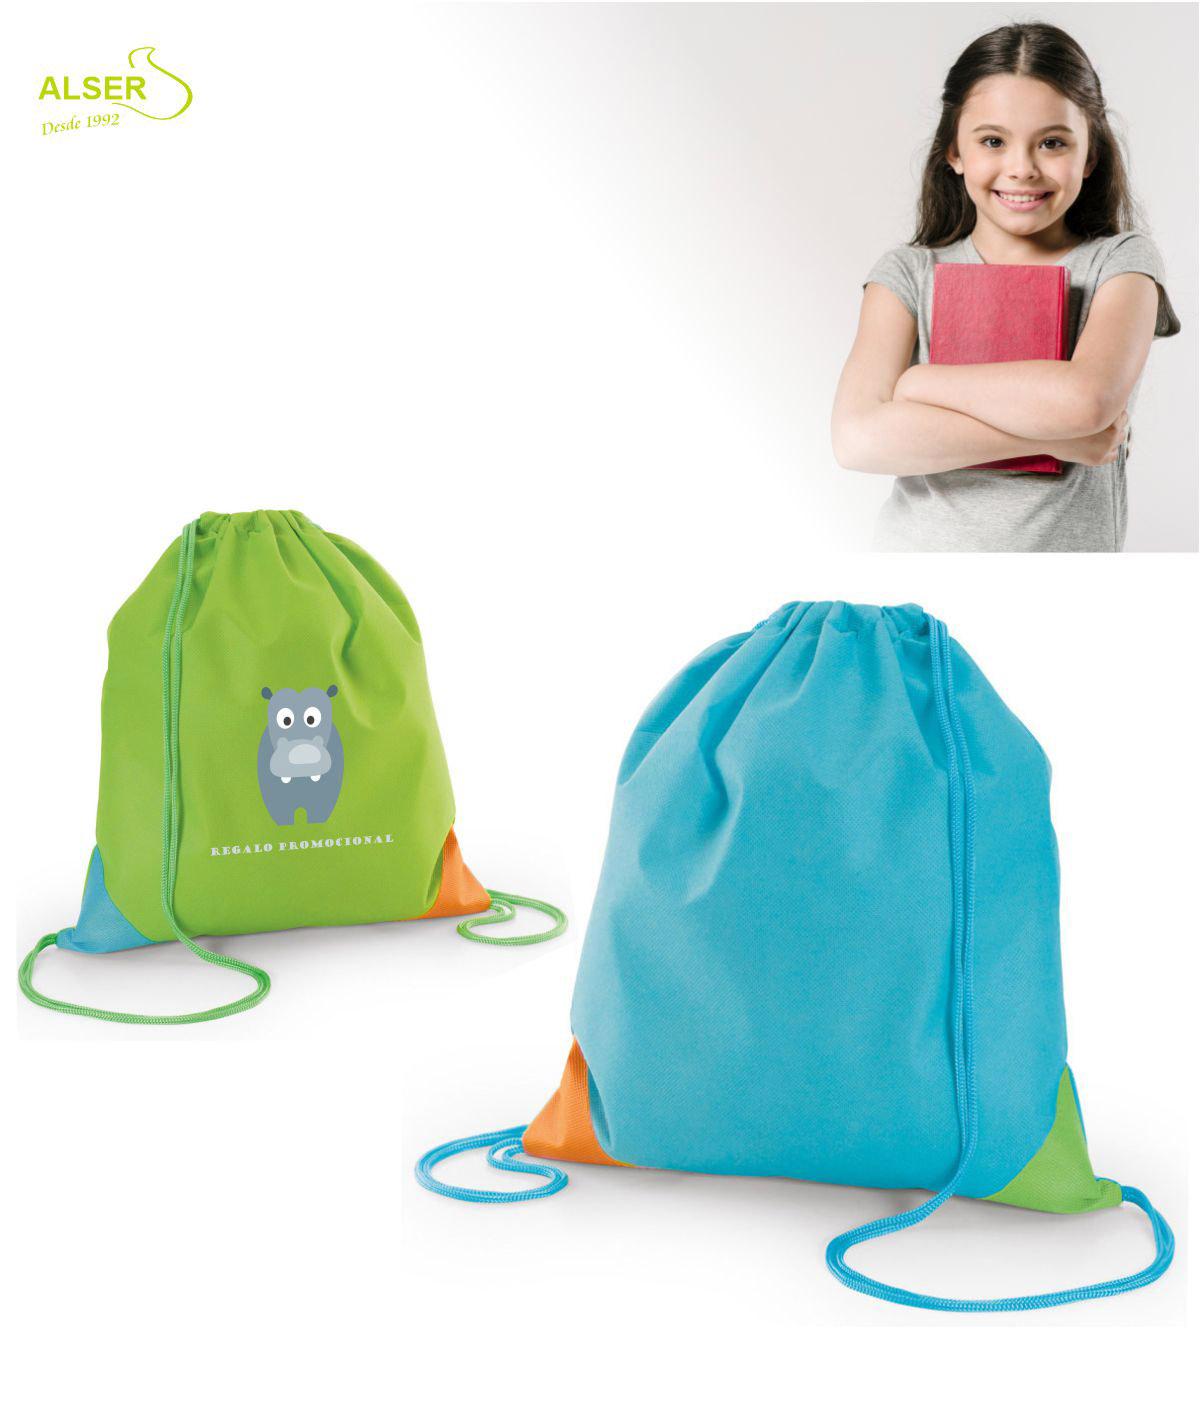 Mochila saco infantil para publicidad. Dos colores, verde y azul